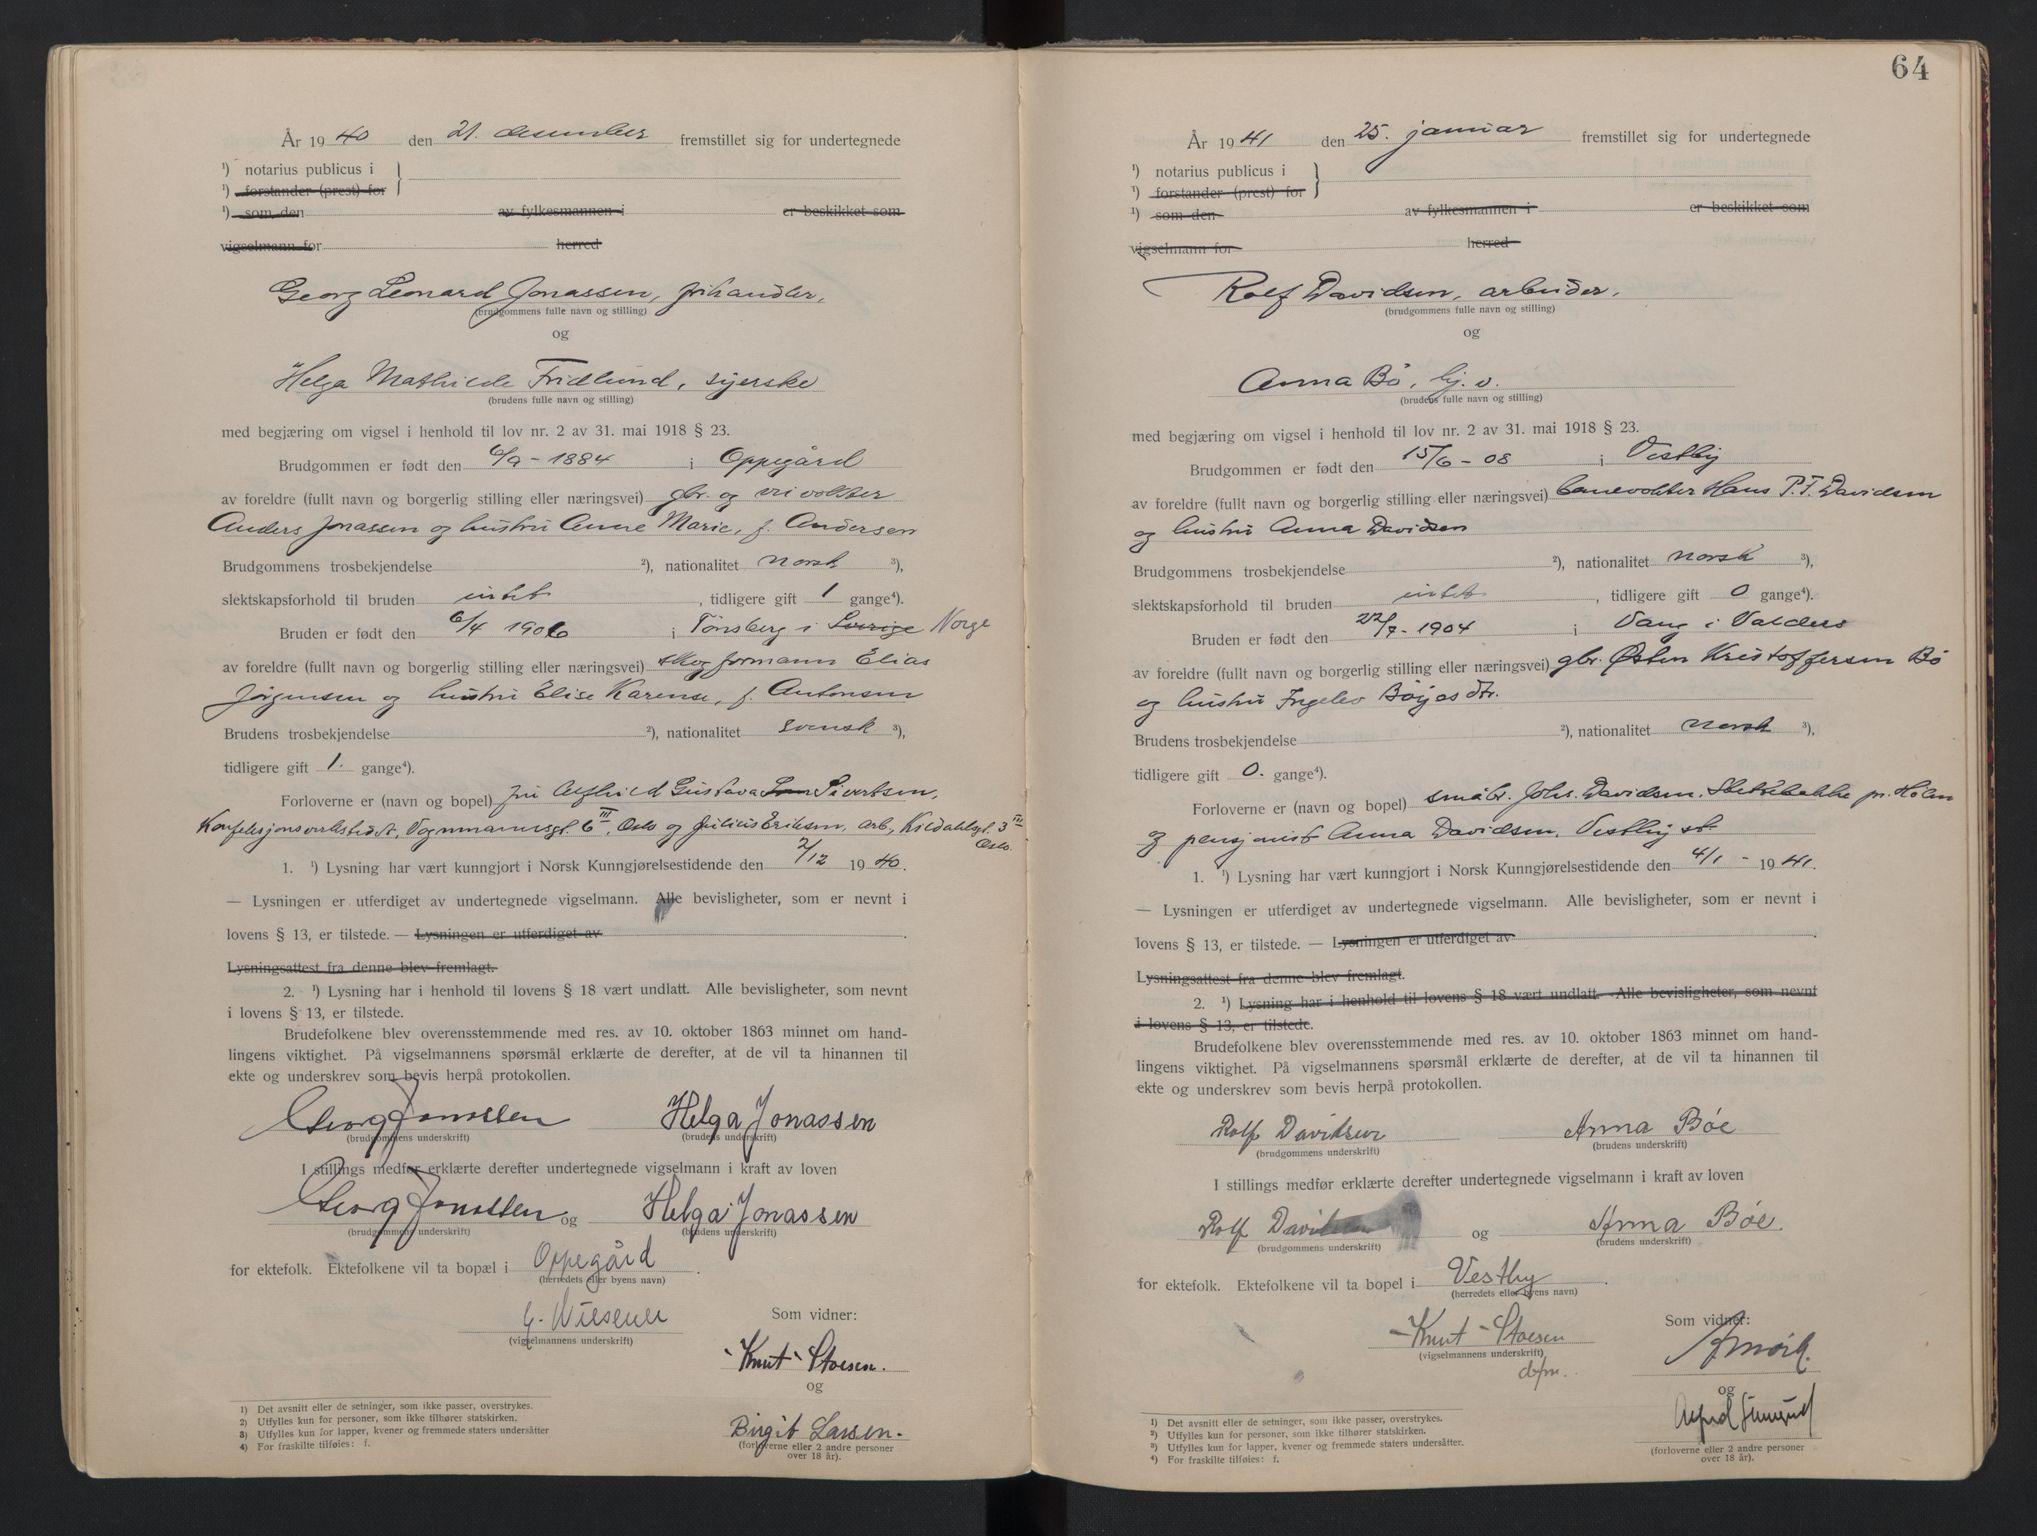 SAO, Follo sorenskriveri, L/La/Lab/L0001: Vigselsbok, 1920-1942, s. 64